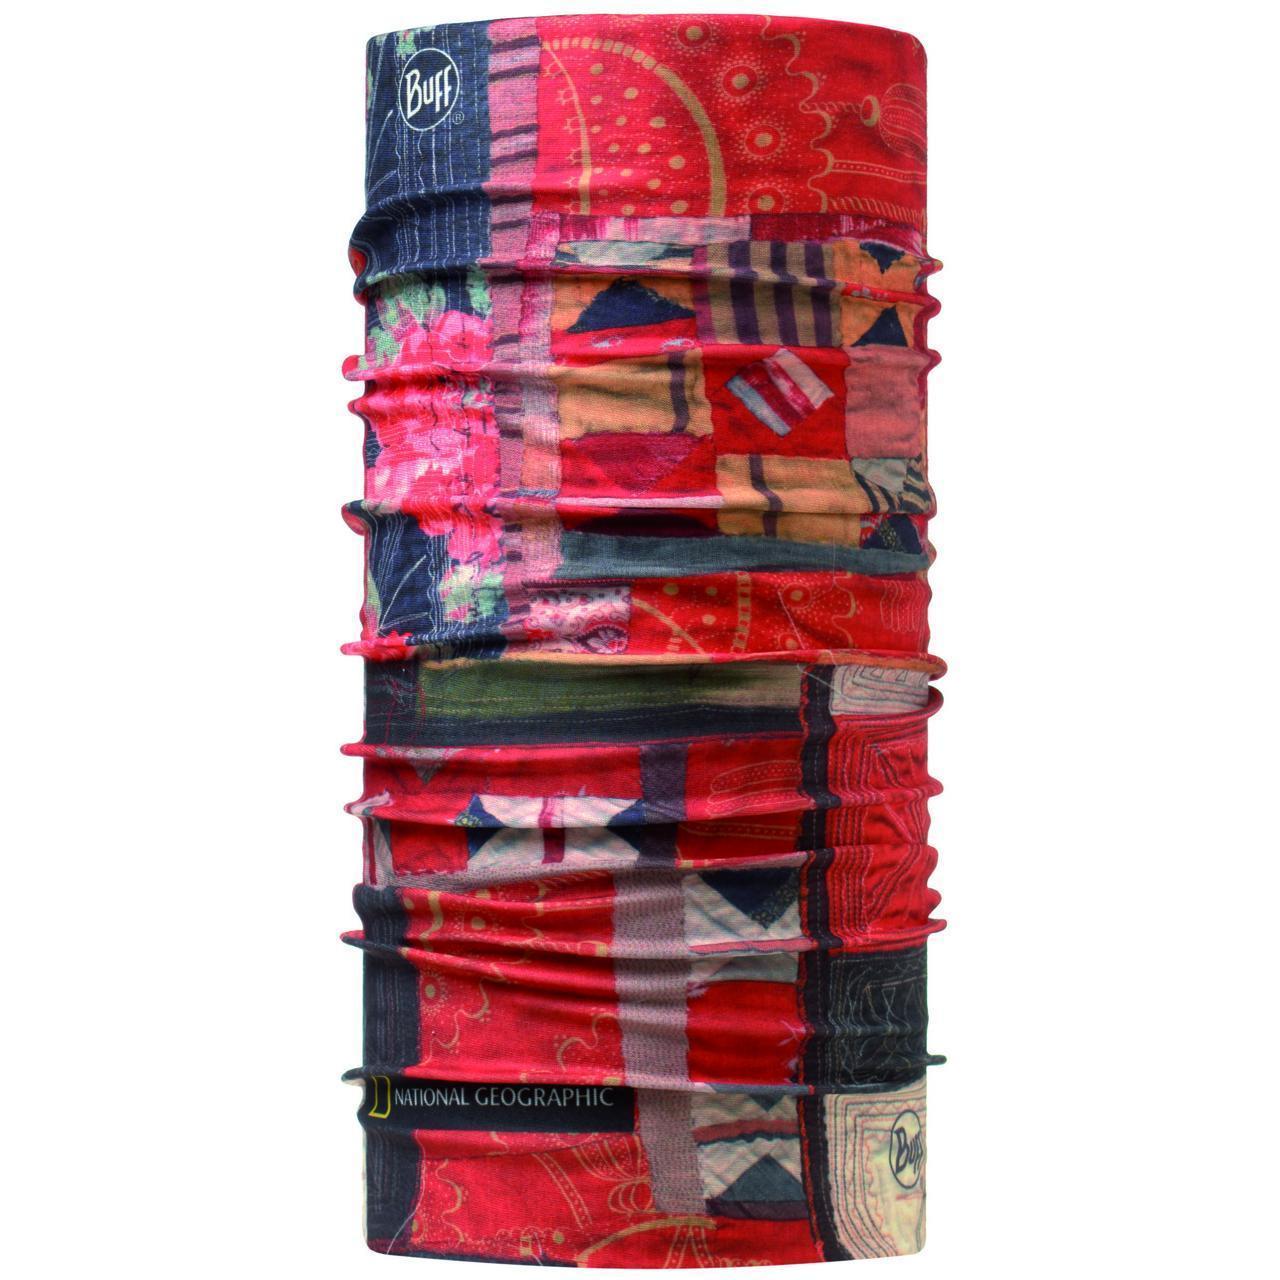 Купить Бандана BUFF ORIGINAL NATIONAL GEOGRAPHIC ANCIENT Банданы и шарфы Buff ® 1079076